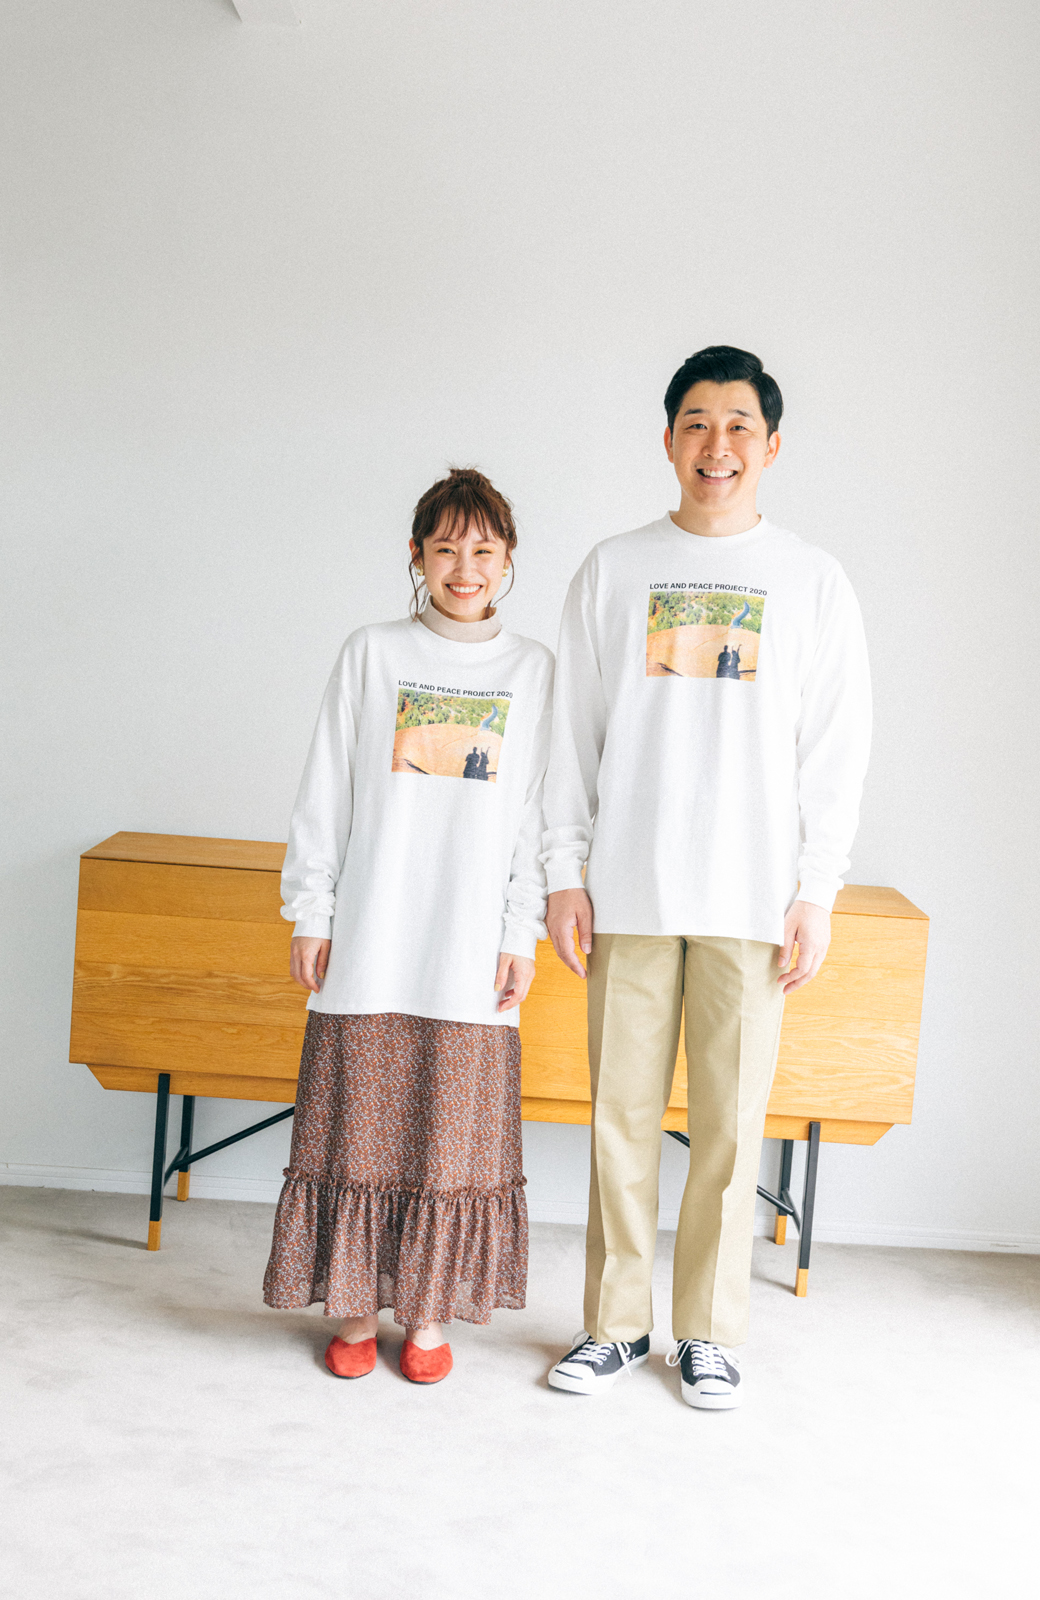 haco! 【高橋愛さんコラボ】フォトプリントのユニセックスロングTシャツ by LOVE&PEACE PROJECT + PBP  <ホワイト>の商品写真7